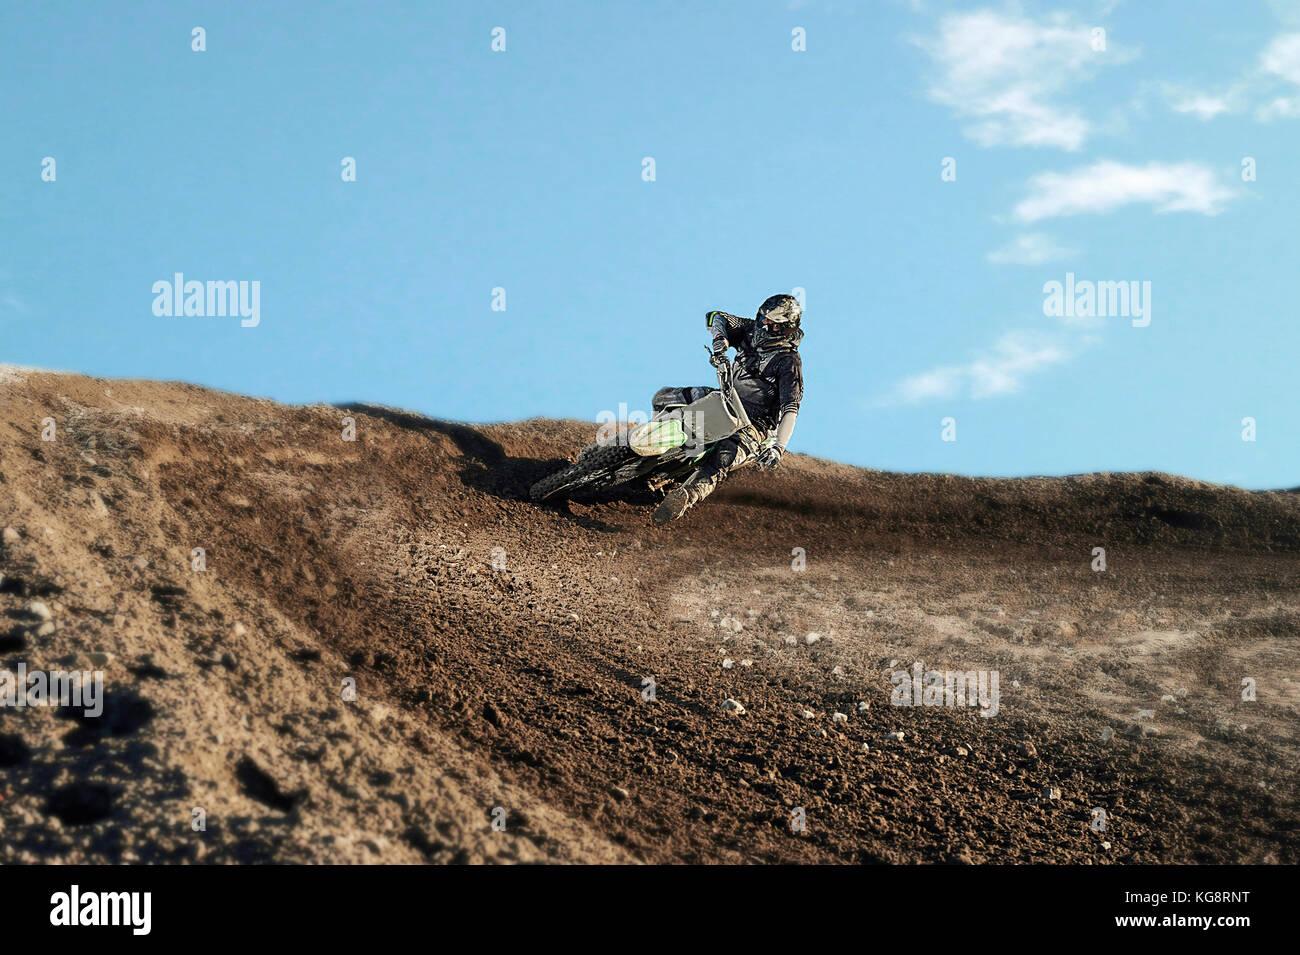 Driver di motocross in azione accelerando la moto dopo l'angolo sulla pista Immagini Stock